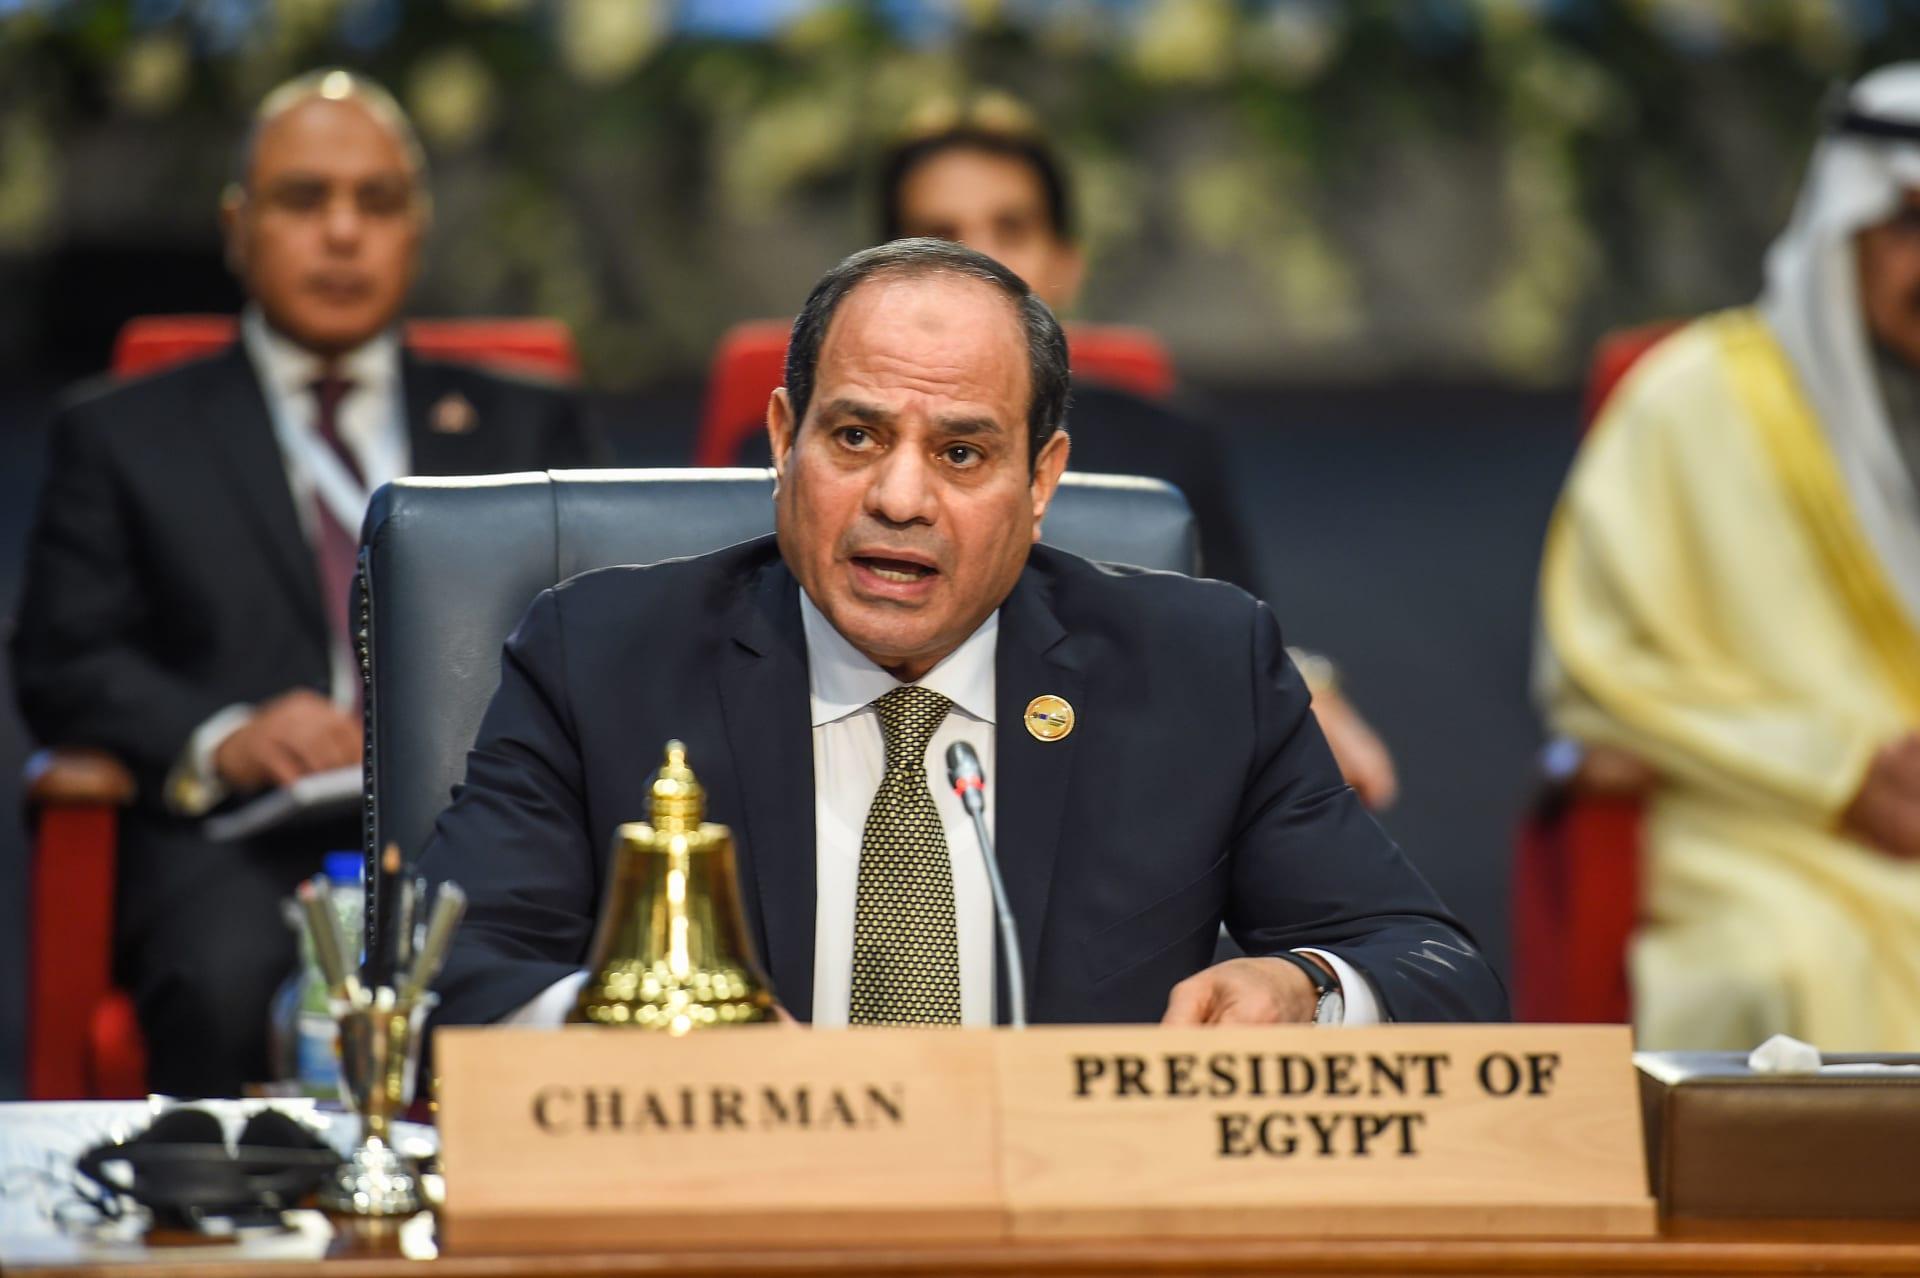 السيسي يناقش خطة الحكومة المصرية للتحول الرقمي ويطالب بالإسراع في تنفيذها